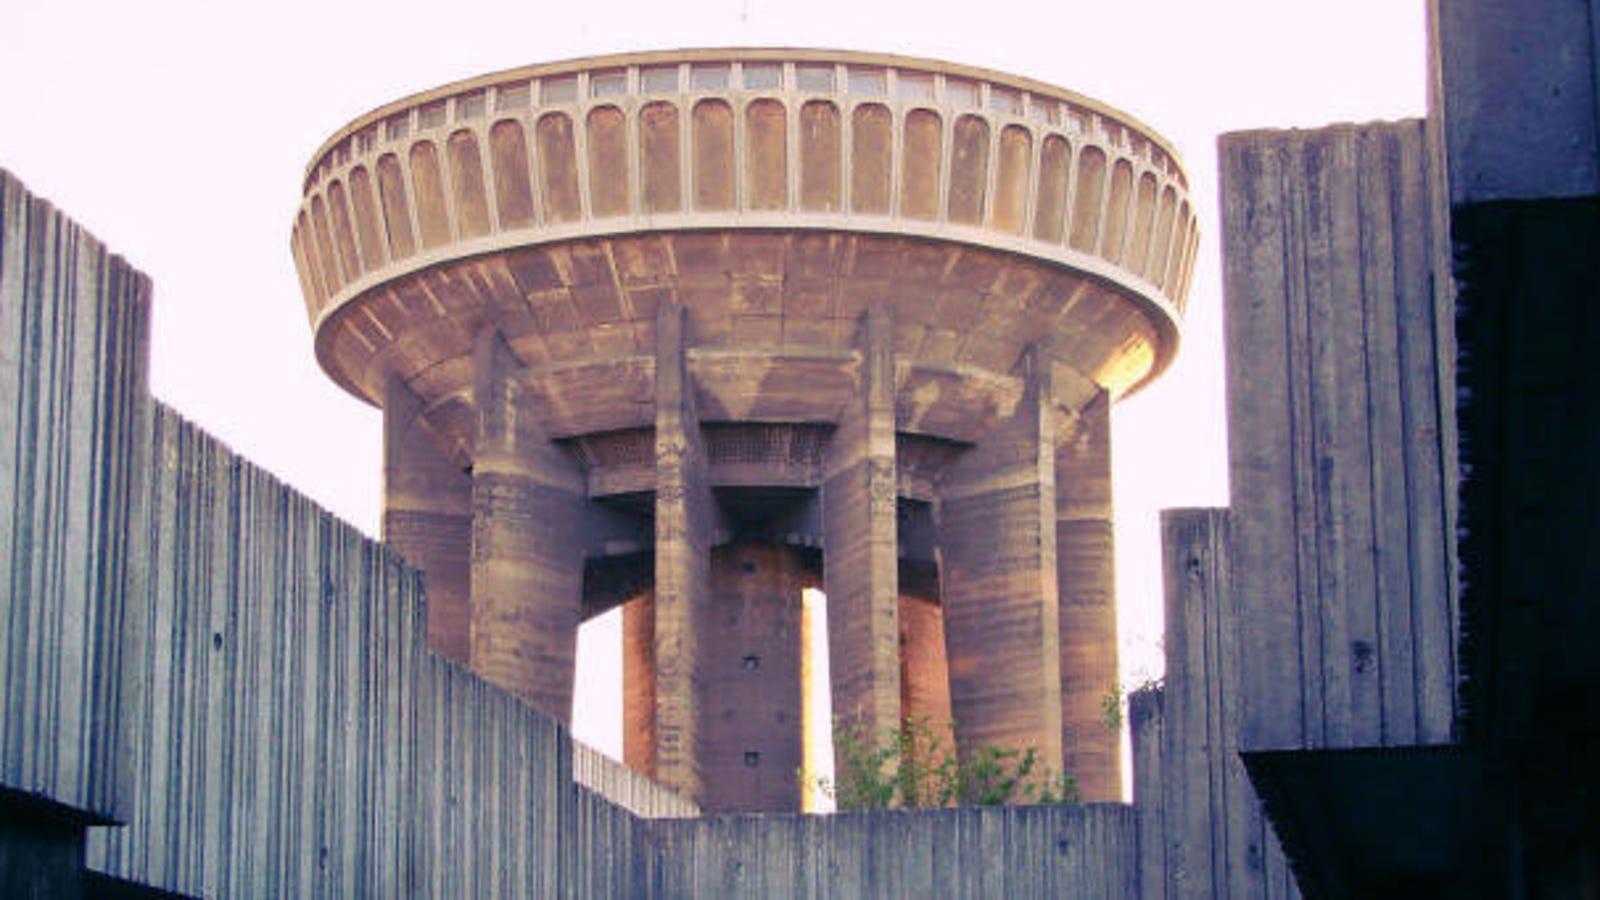 Algunas de las torres de agua más extrañas creadas por la ingeniería